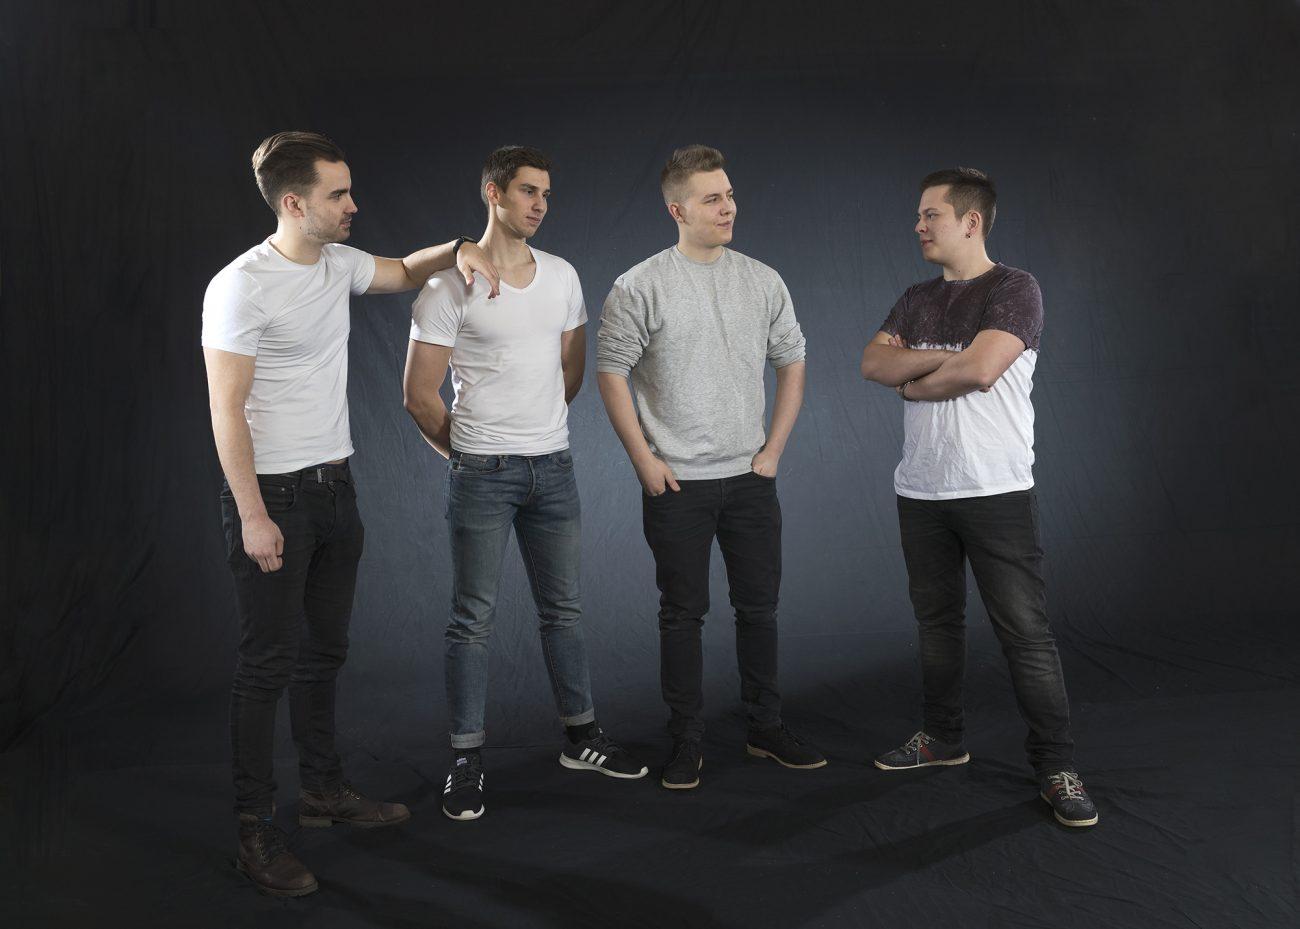 Jyväskylän vaihtoehtorocklupaus Juicy Panda julkaisee esikois-EP:nsä 1. joulukuuta